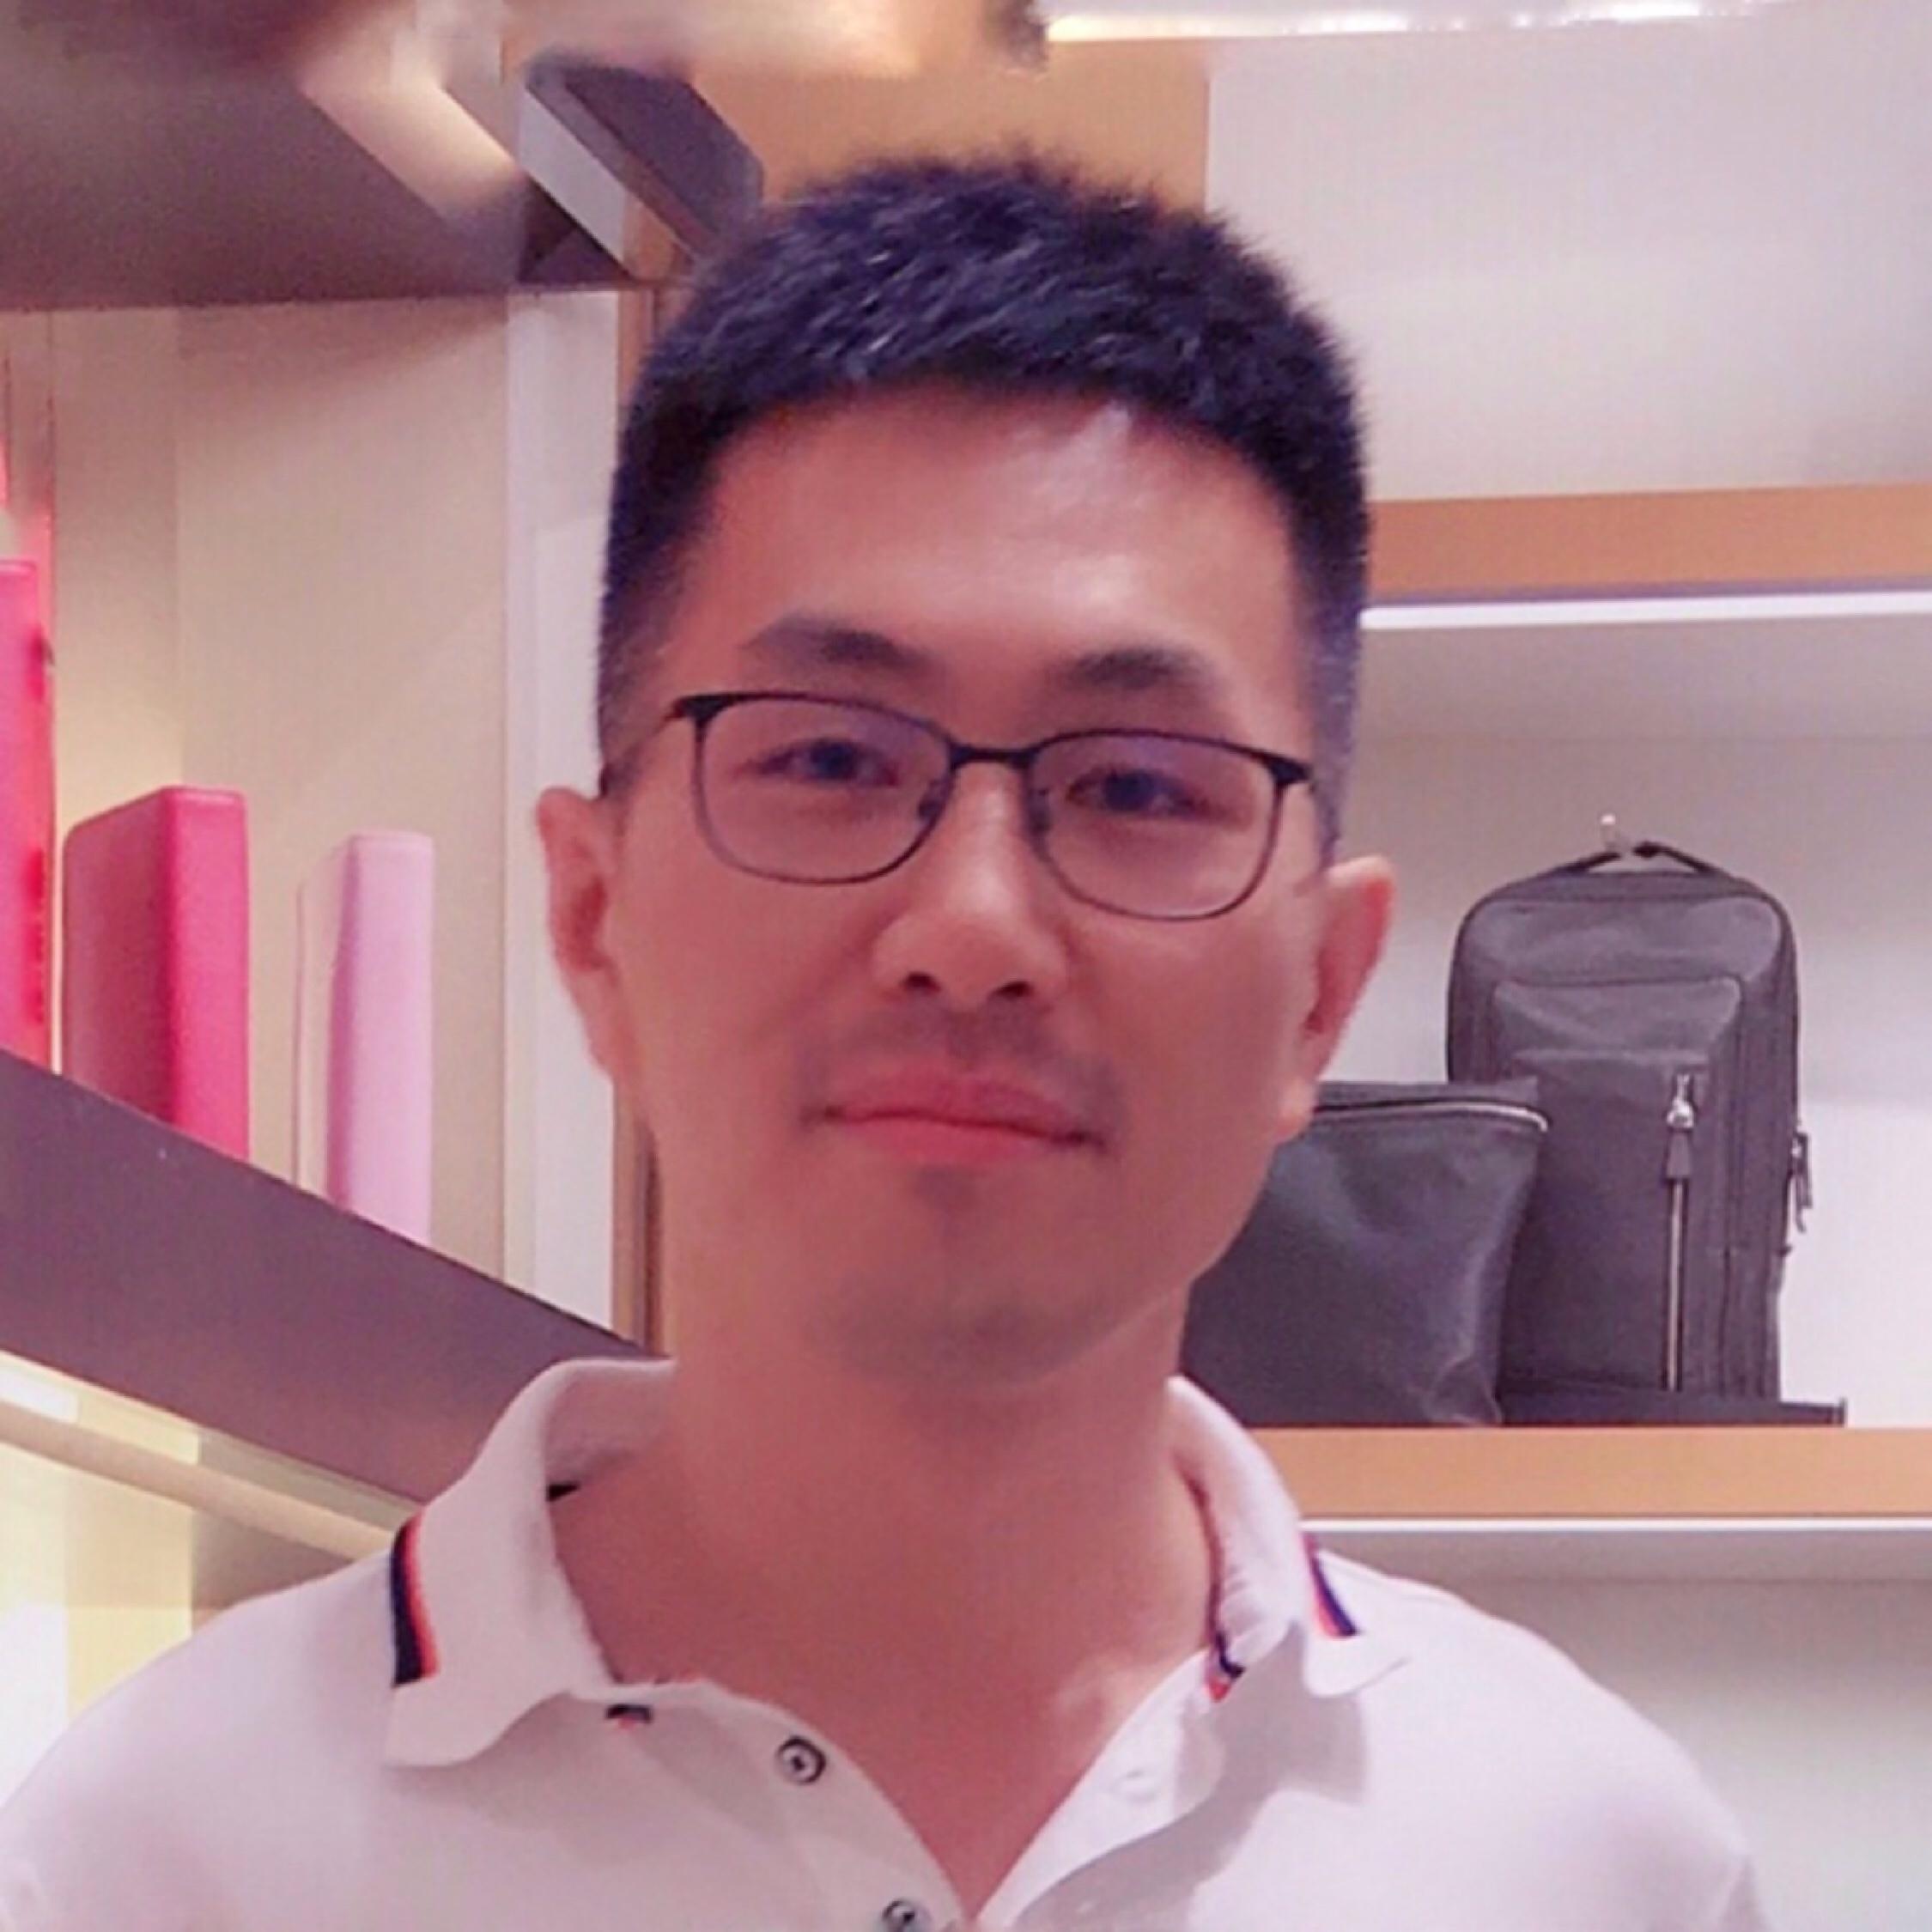 Nick_德轩